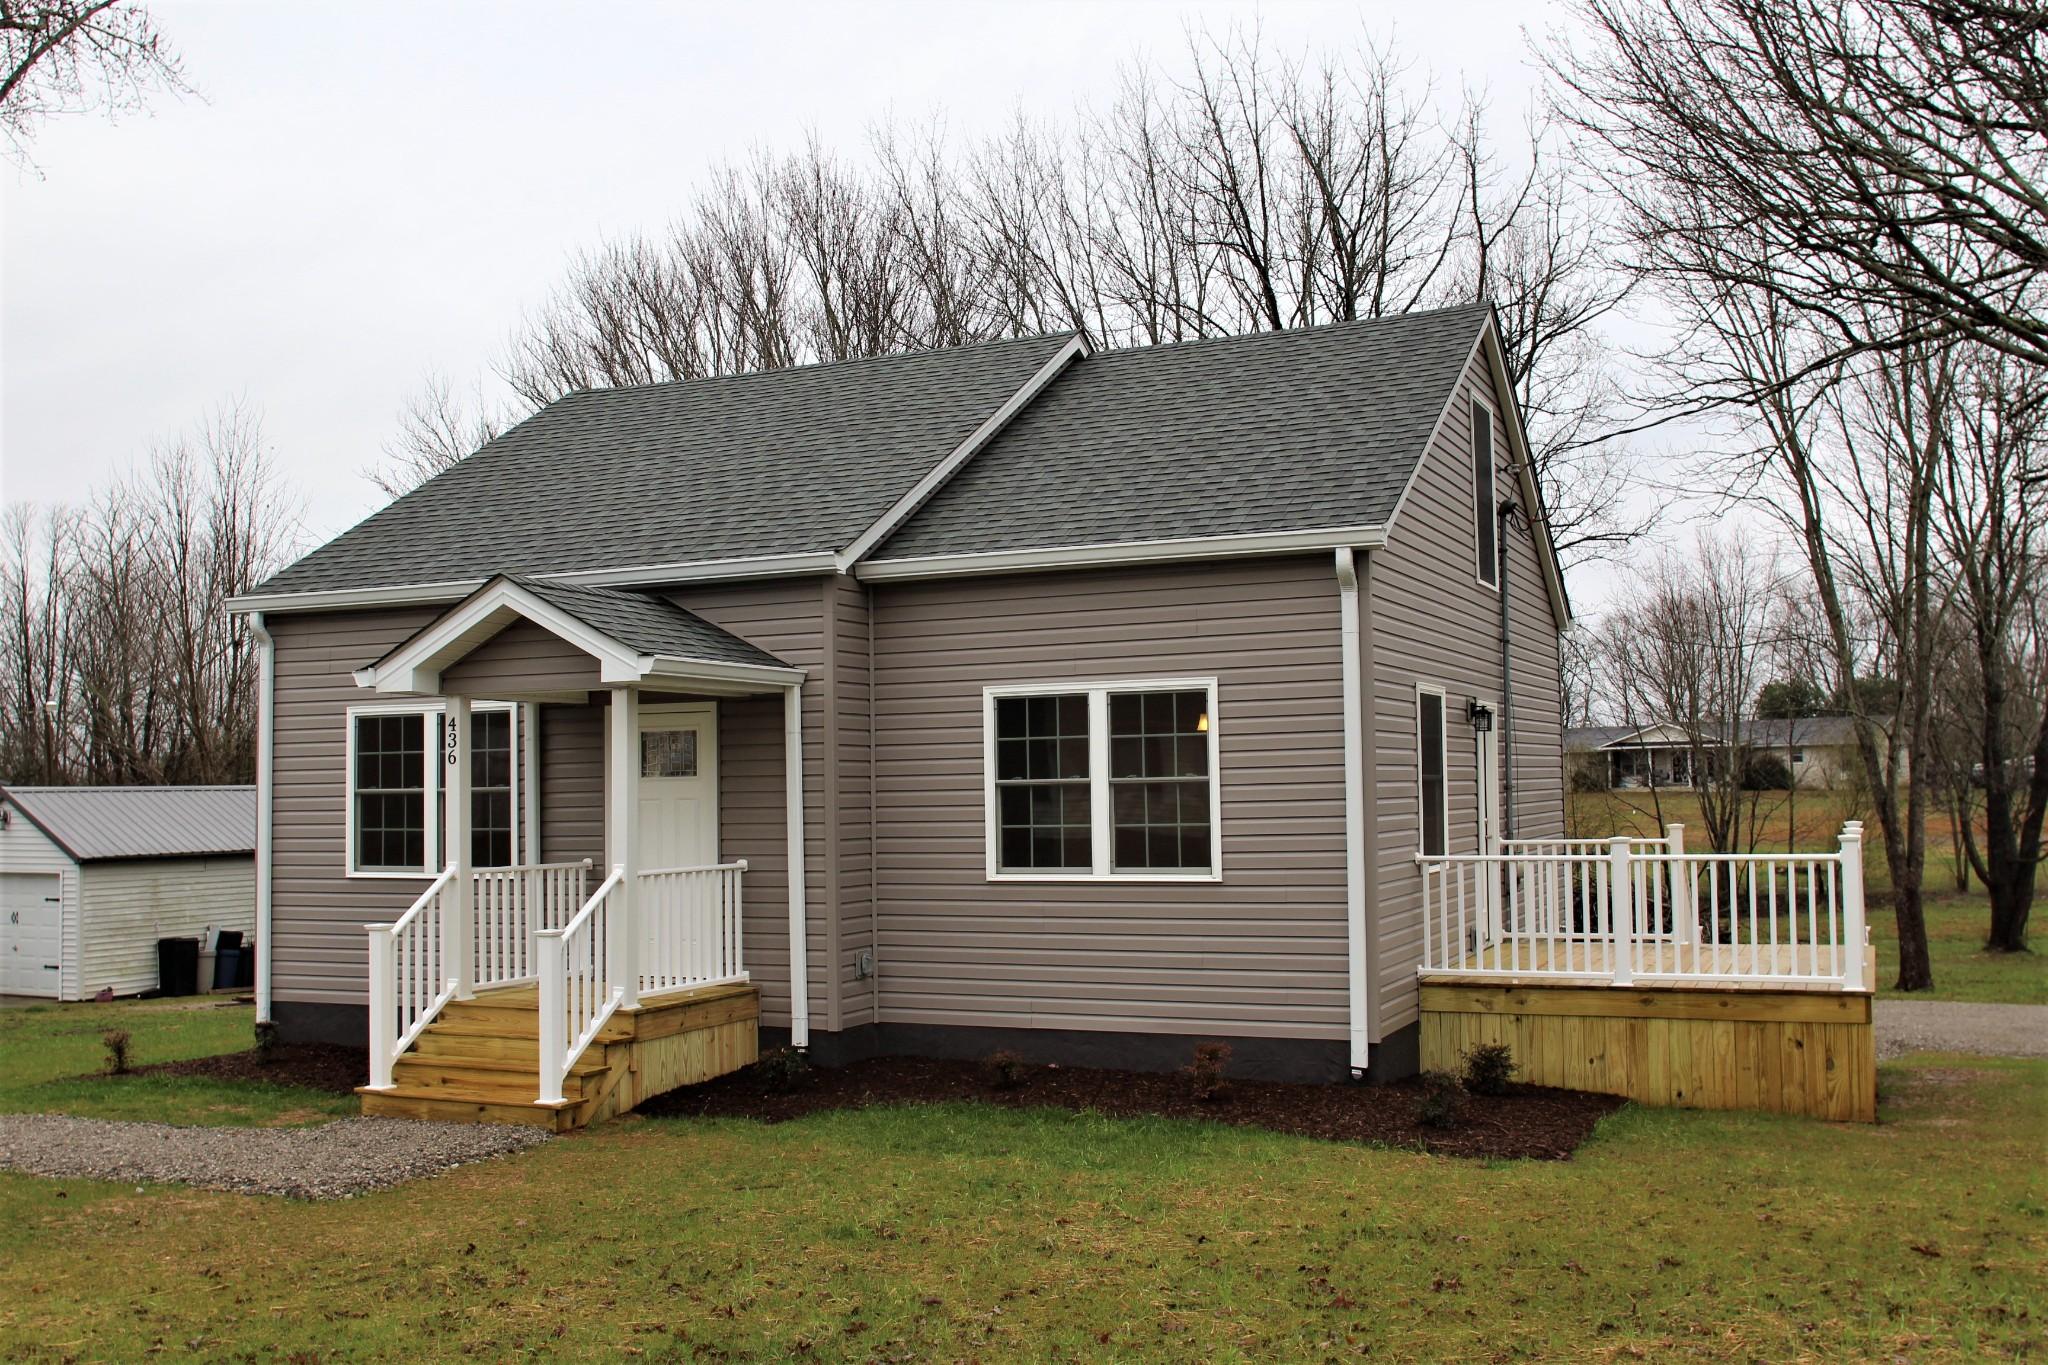 436 Magnolia St, Baxter, TN 38544 - Baxter, TN real estate listing